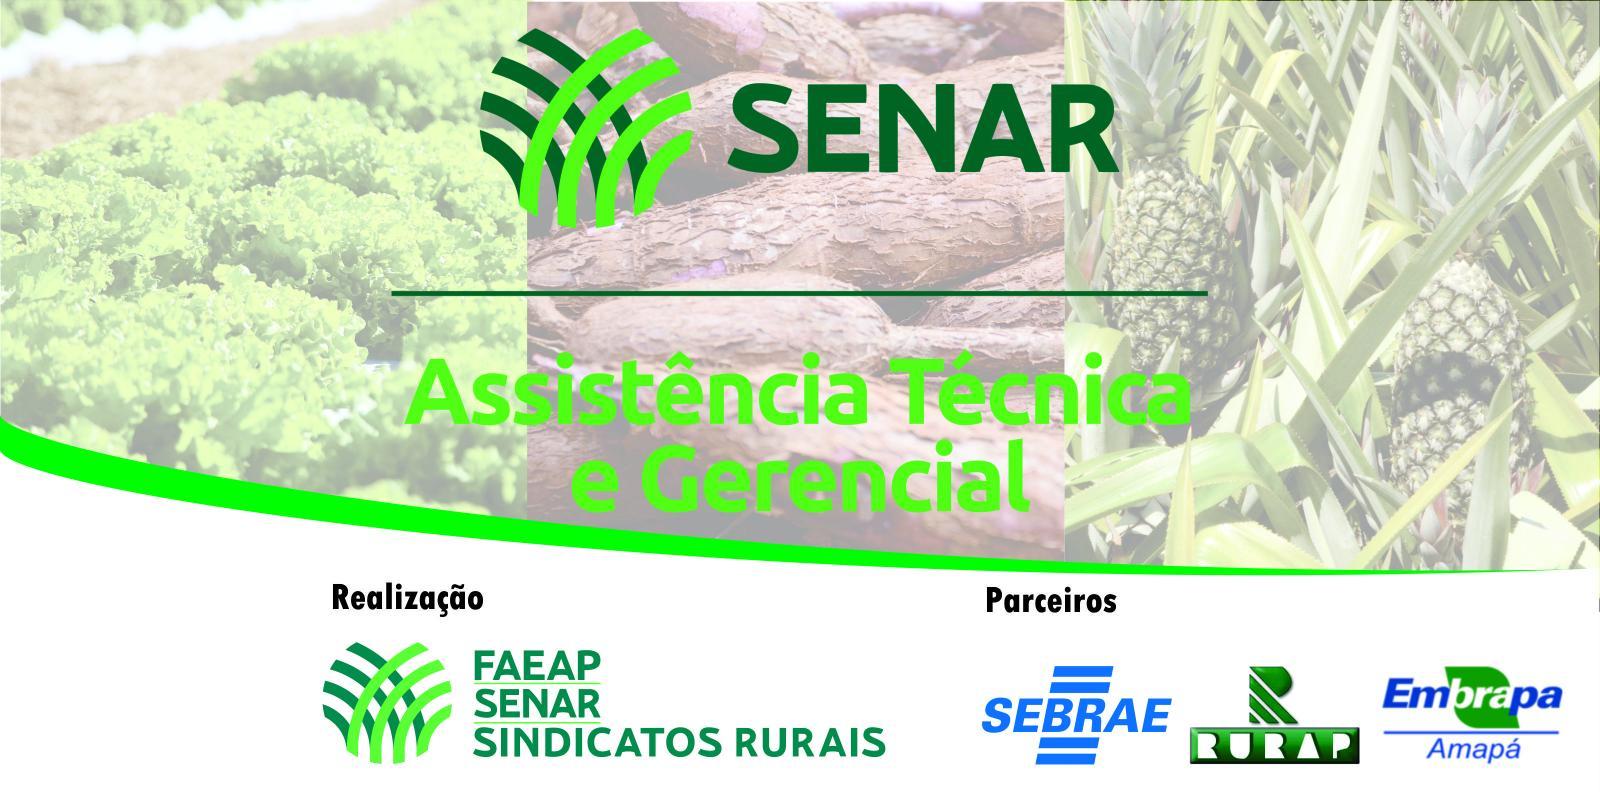 Assistência Técnica e Gerencial do SENAR-AP atenderá 125 propriedades rurais no Amapá